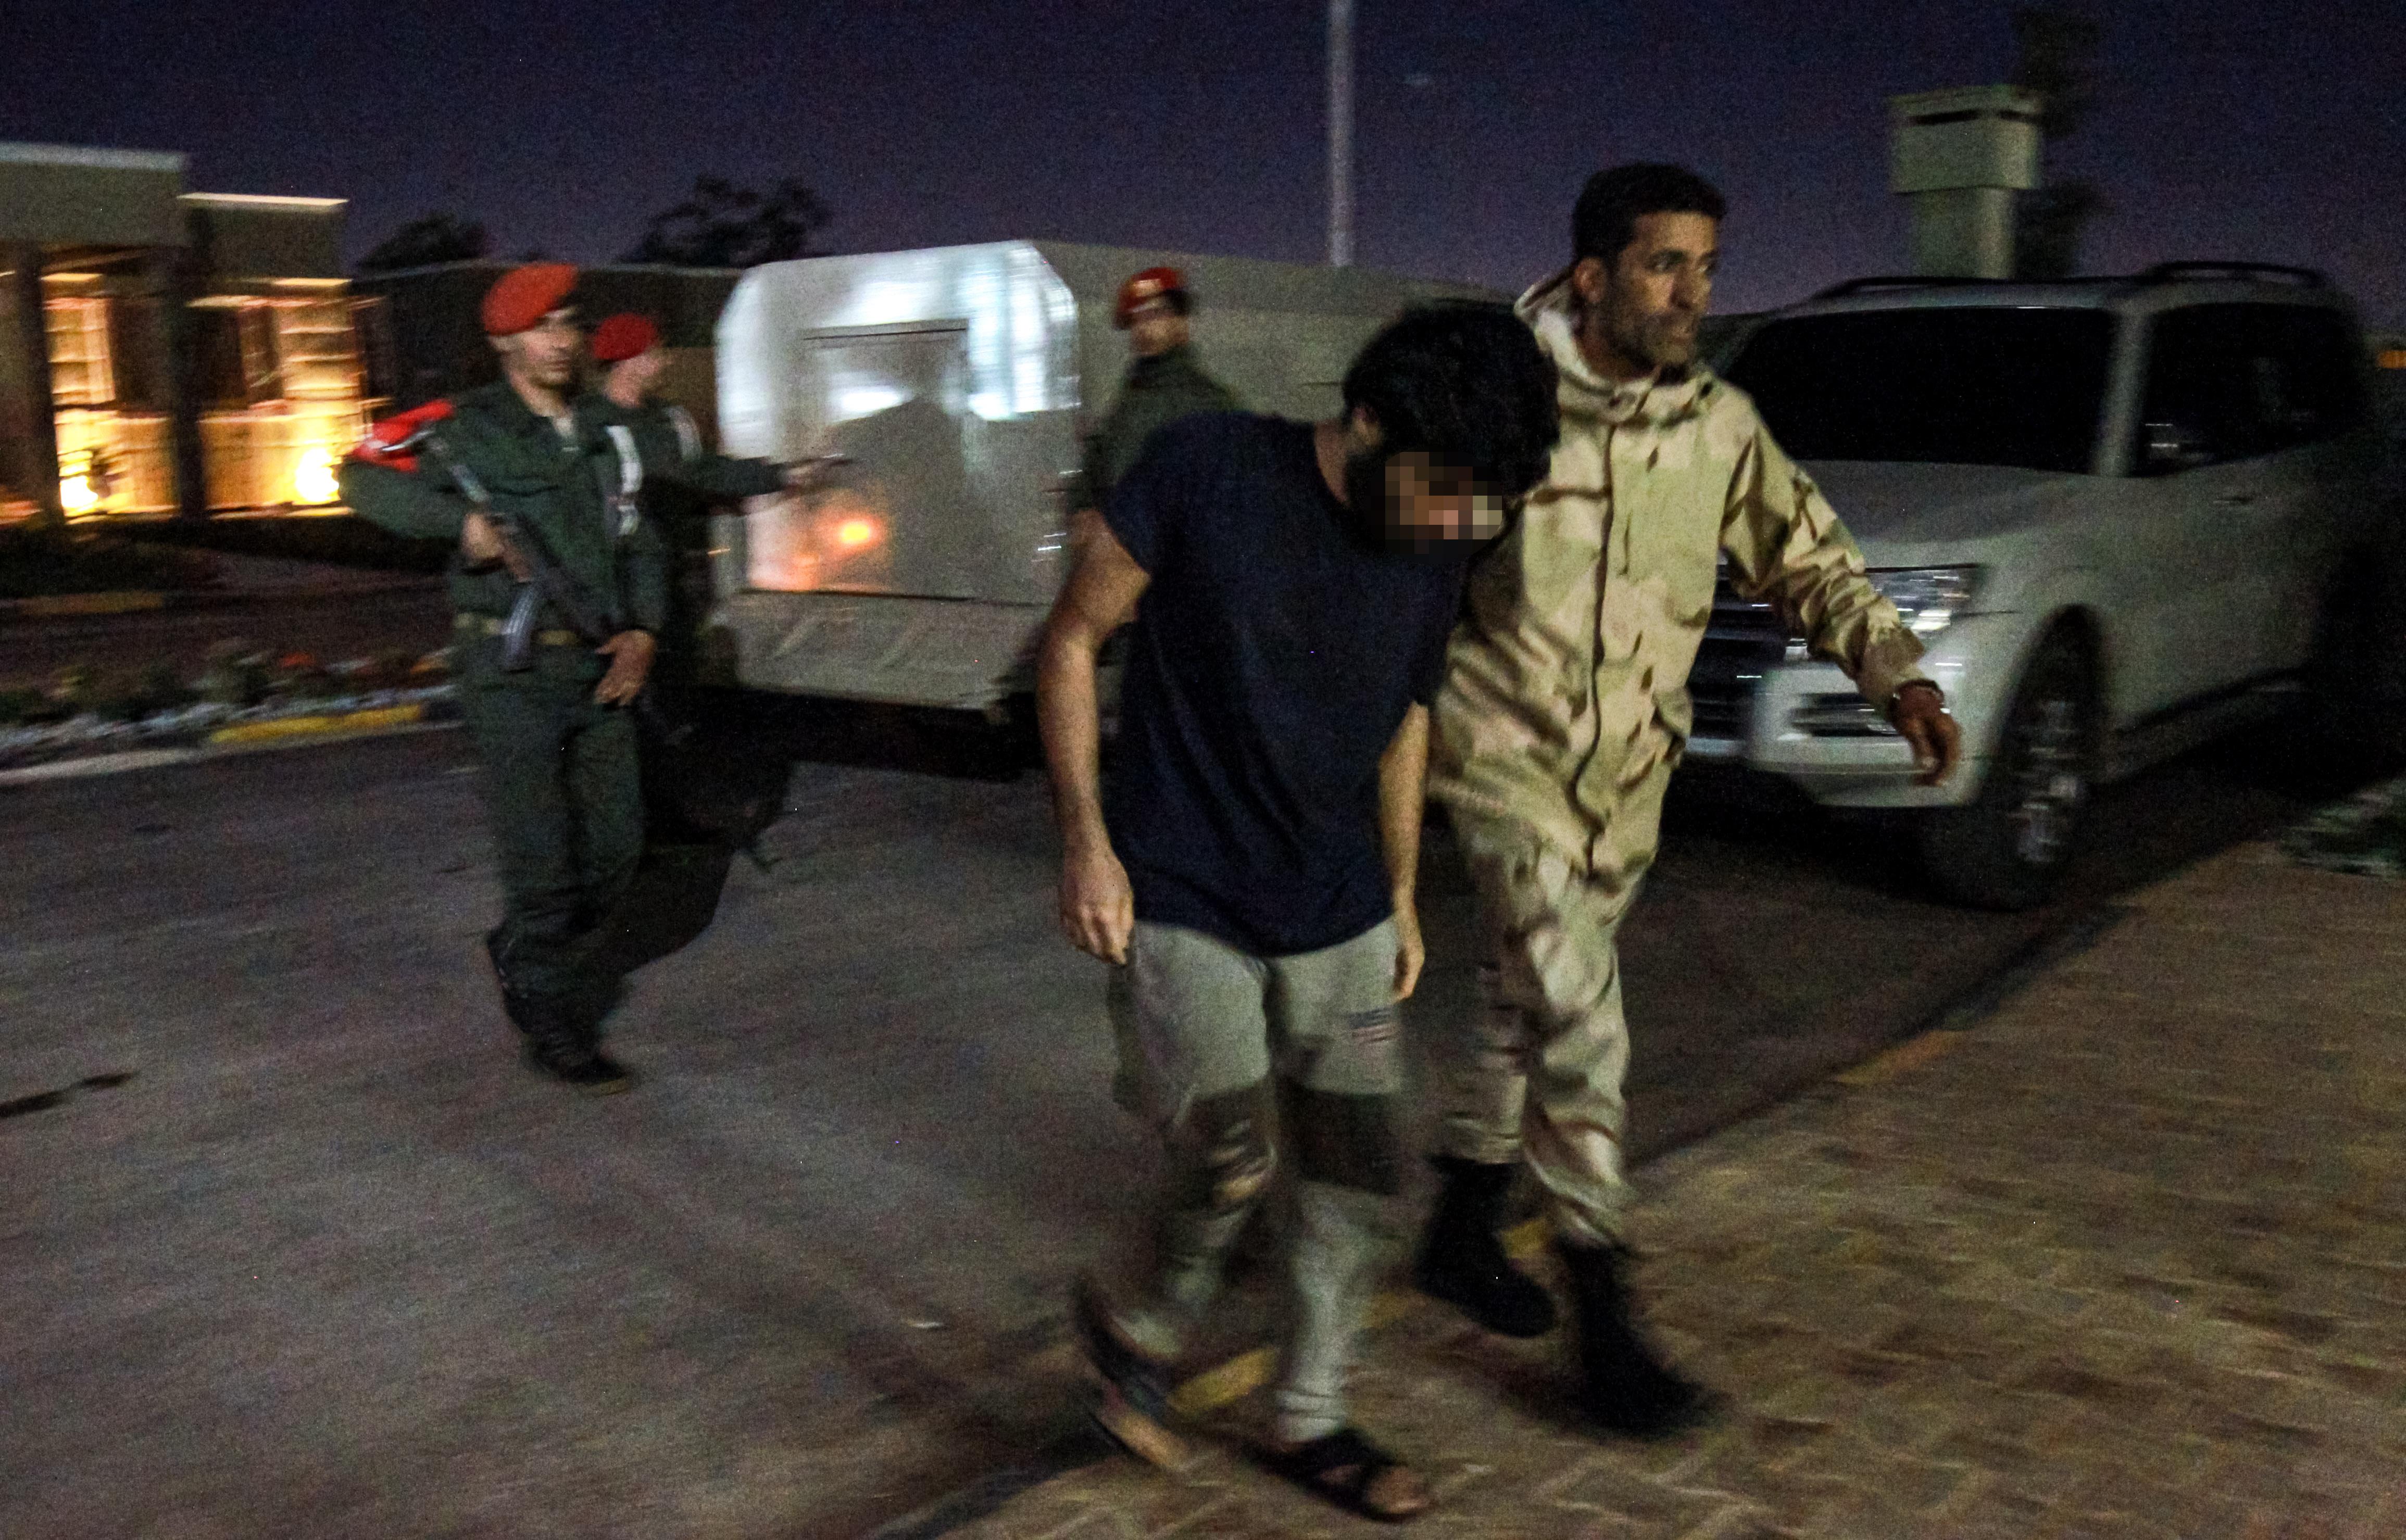 جندي من قوات حفتر يرافق سجينًا سوريا أسرته قوات حفتر أثناء هجومها بالقرب من العاصمة طرابلس